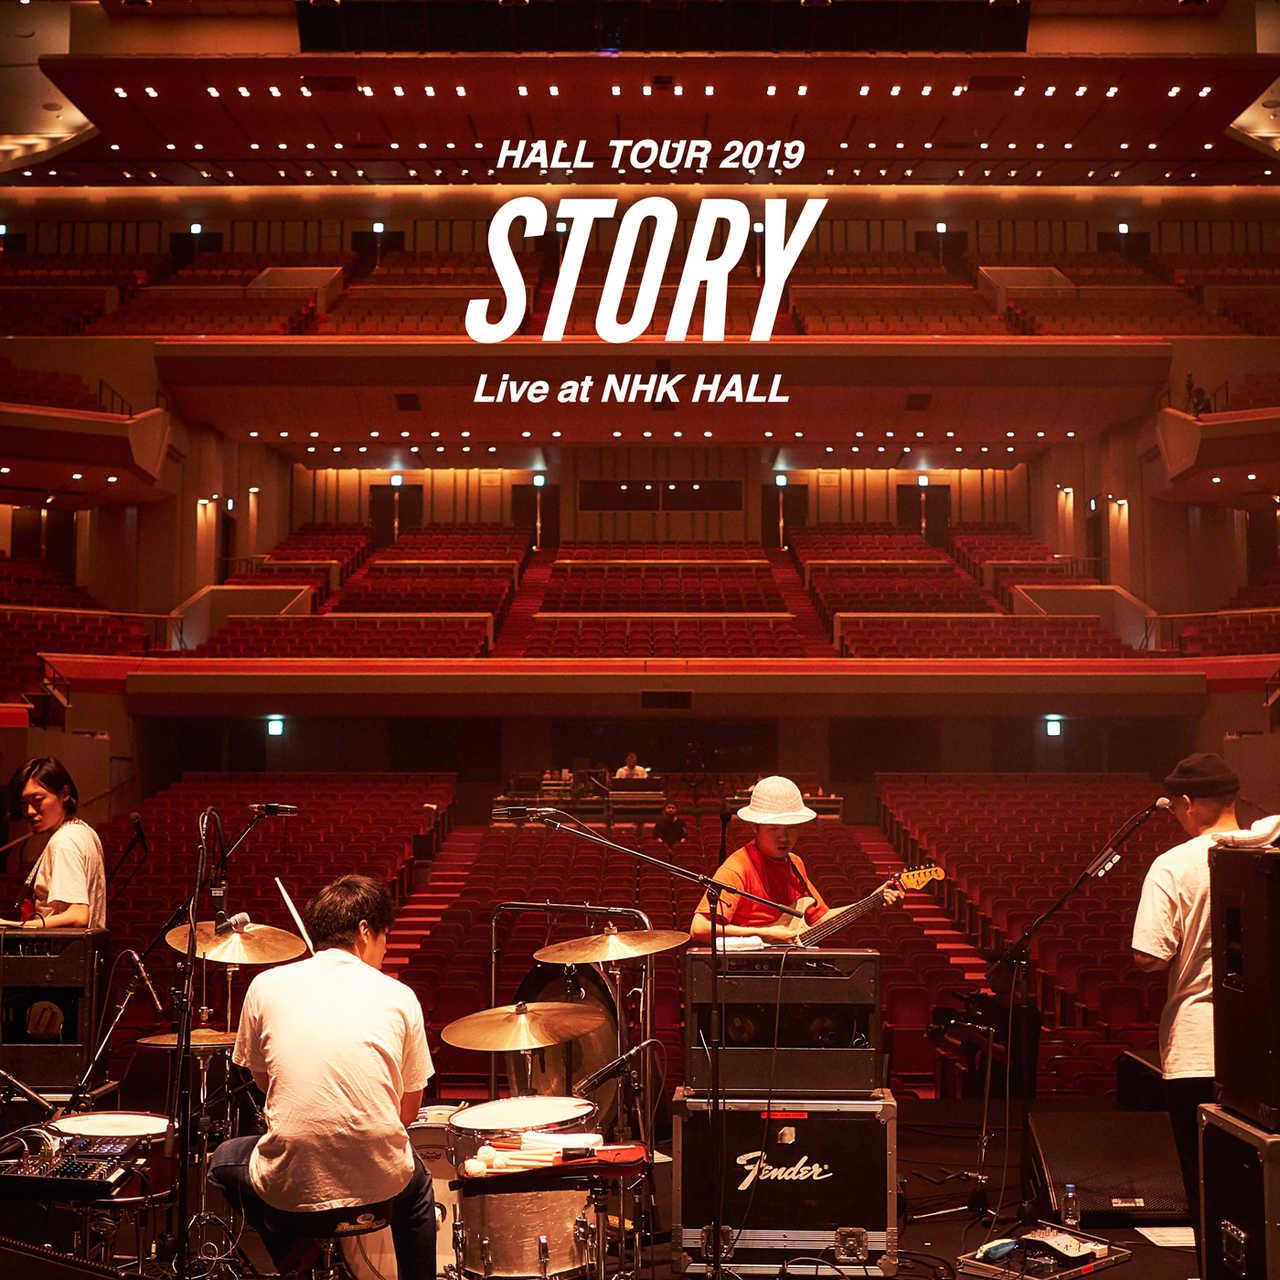 """ライブアルバム『HALL TOUR 2019 """"STORY"""" Live at NHK HALL』"""